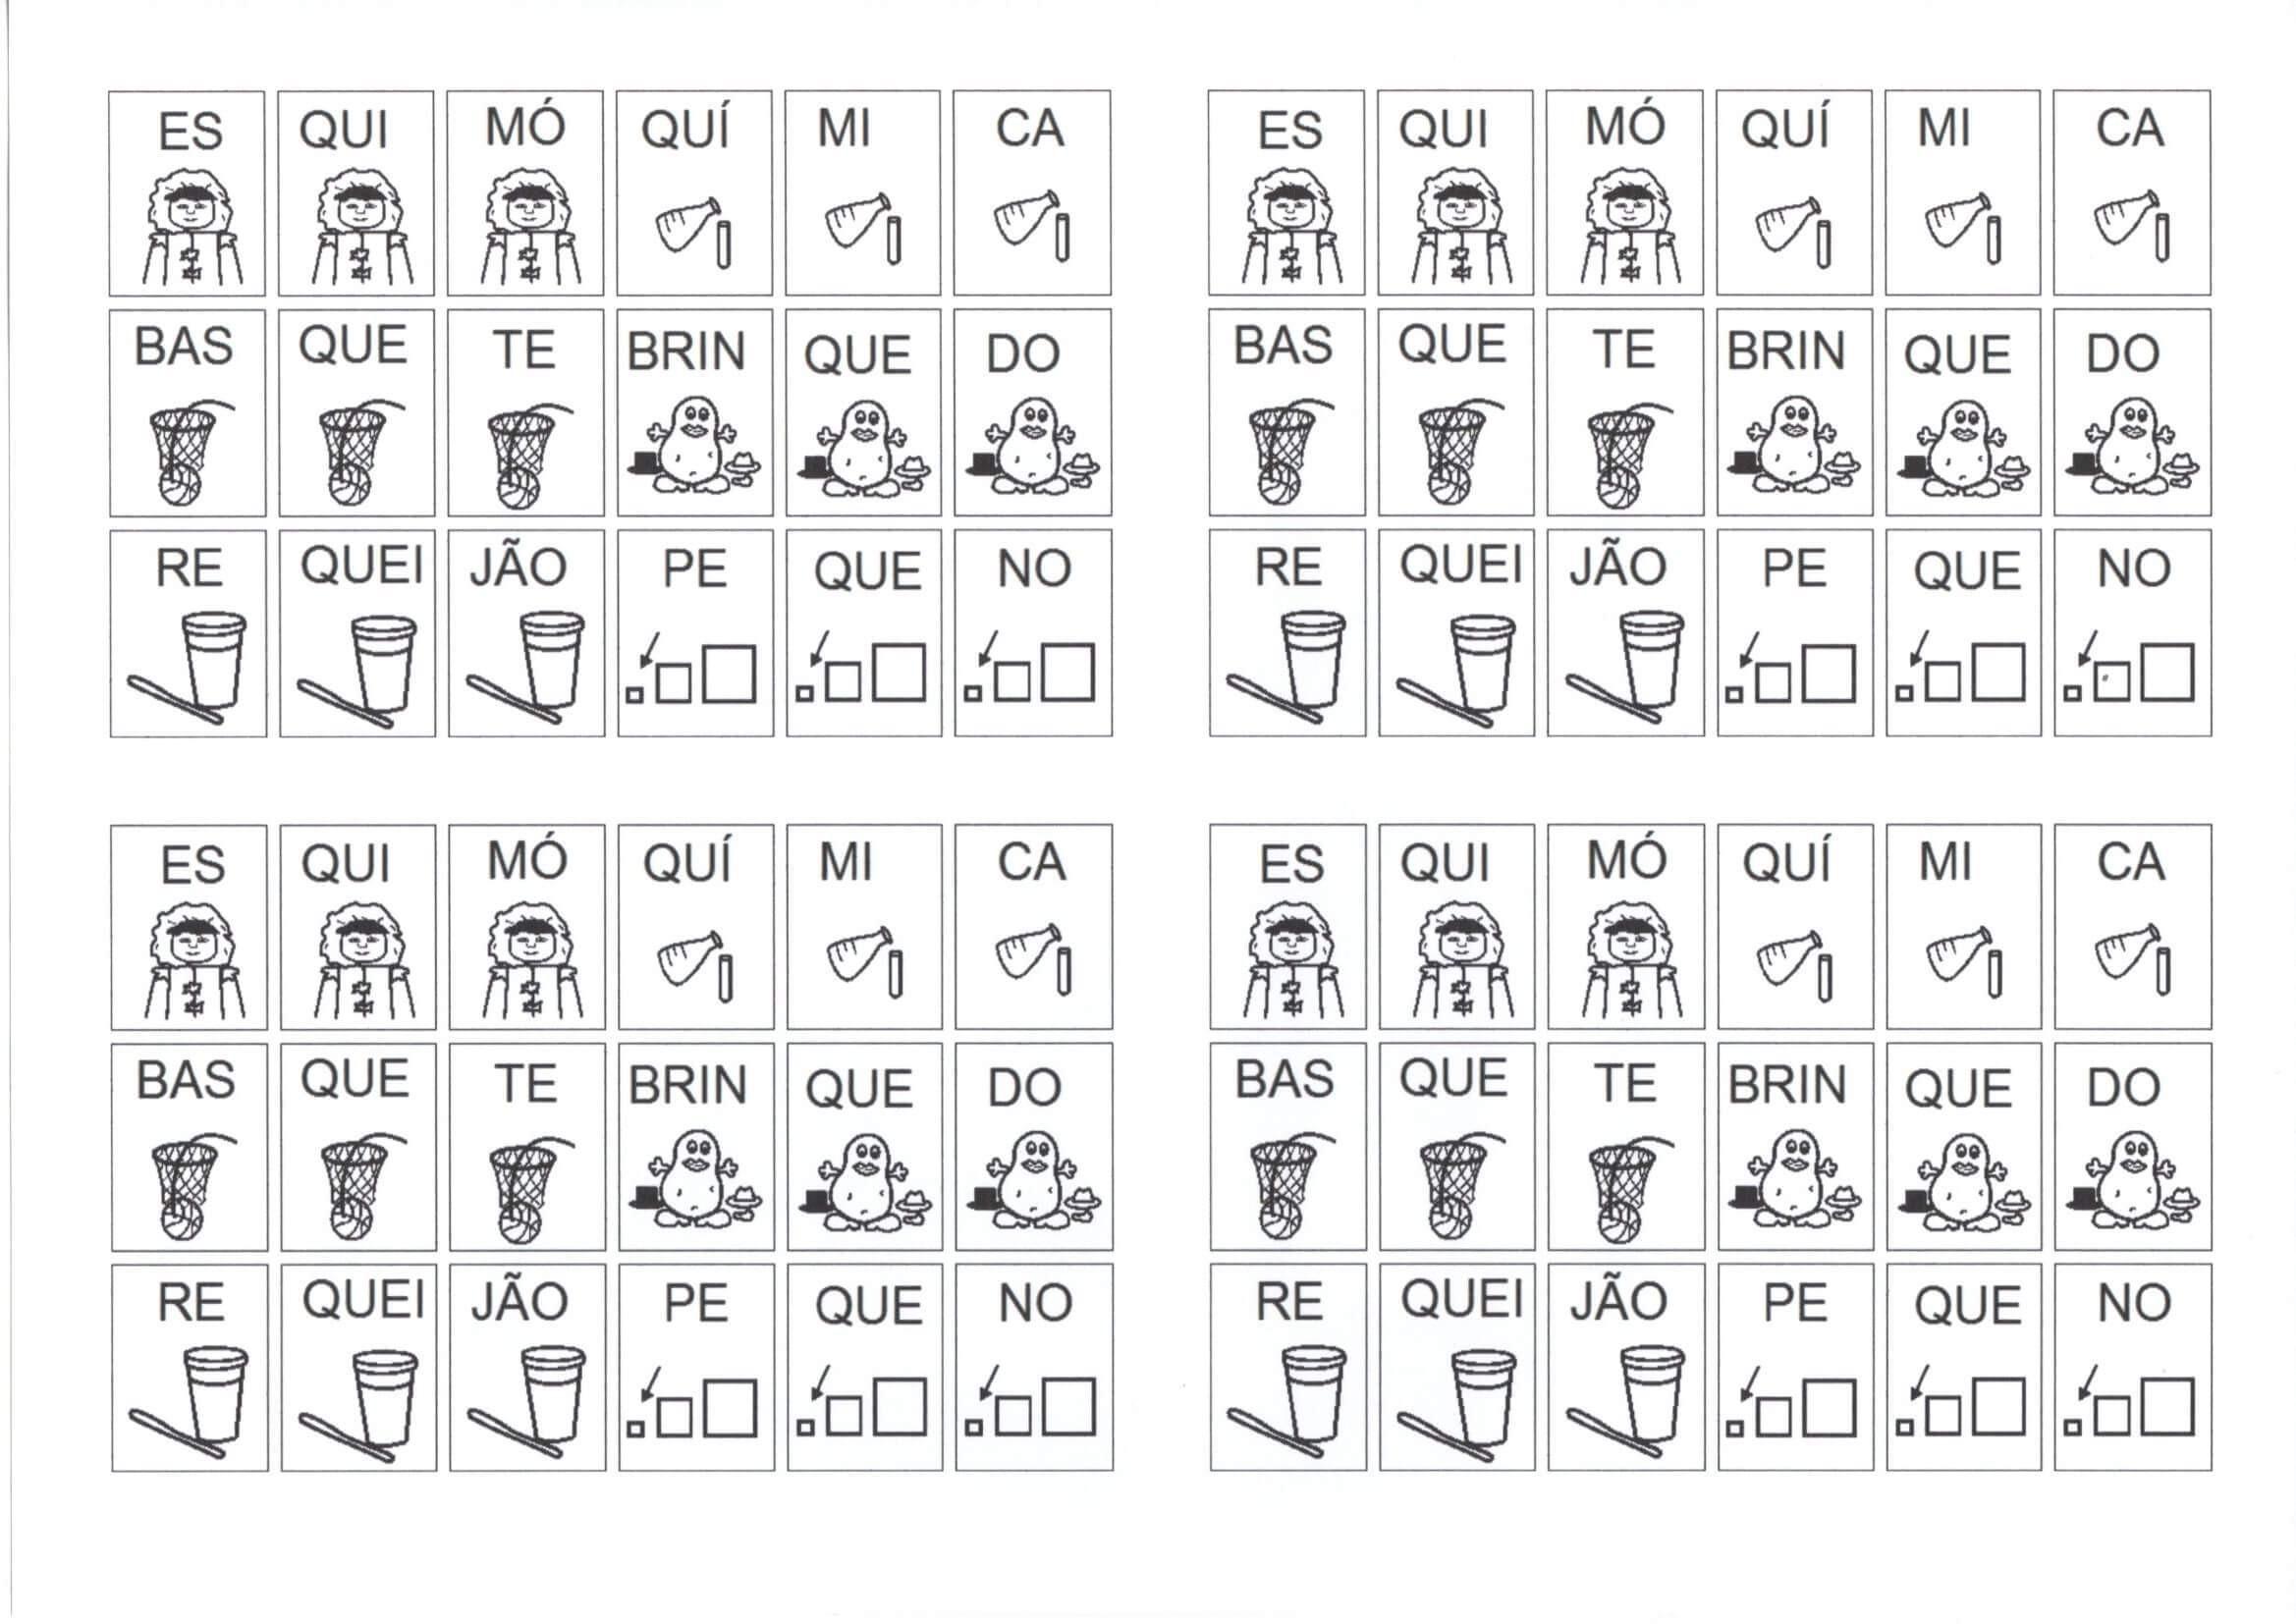 Calendario Agosto 2017 Para Imprimir Turma Da Monica Más Reciente Dificuldades ortográficas Figuras Slabas as Es • Alfabetiza§£o Blog